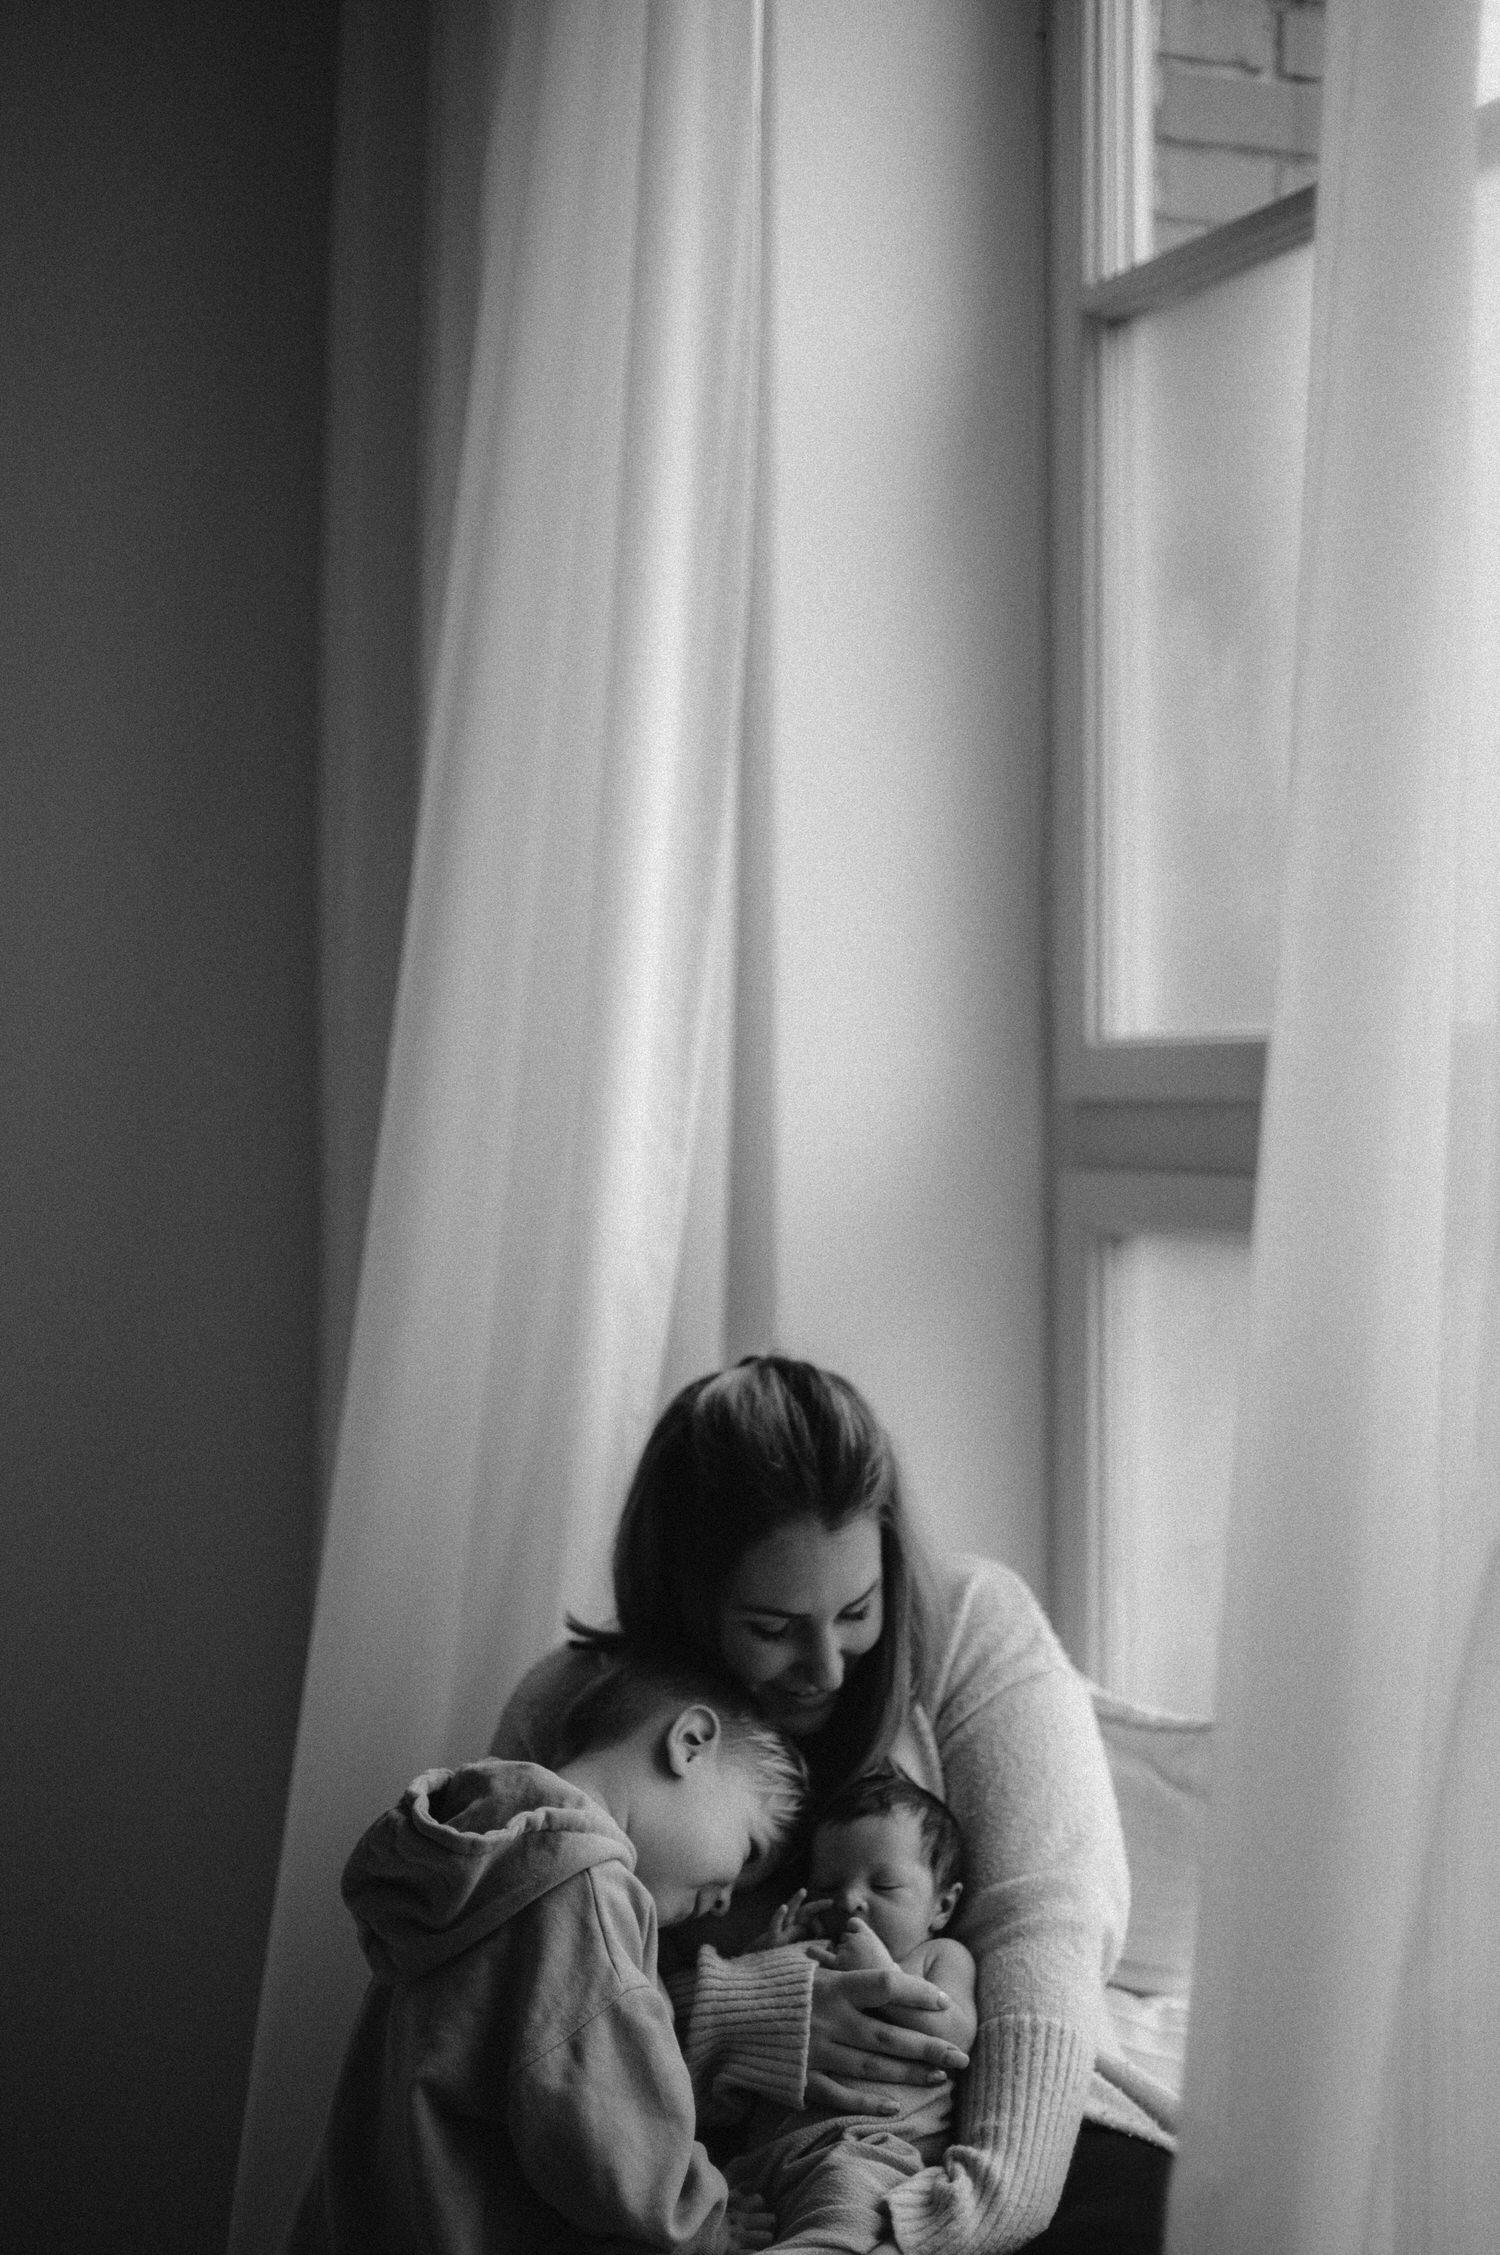 Corinne Chollet, CorinneChollet, Corinne Chollet Fotografie, Fotografin Baby, Newbornbilder, Newbornfotograf, Newbornfotografie Schweiz, Neugeborene, Babyfotograf, Babyfotografin Arbon, Babyfotograf Ostschweiz, Baby Fotos Ostschweiz, Baby Fotos Bodensee, Fotostudio Arbon, Fotostudio Ostschweiz, Fotostudio St. Gallen